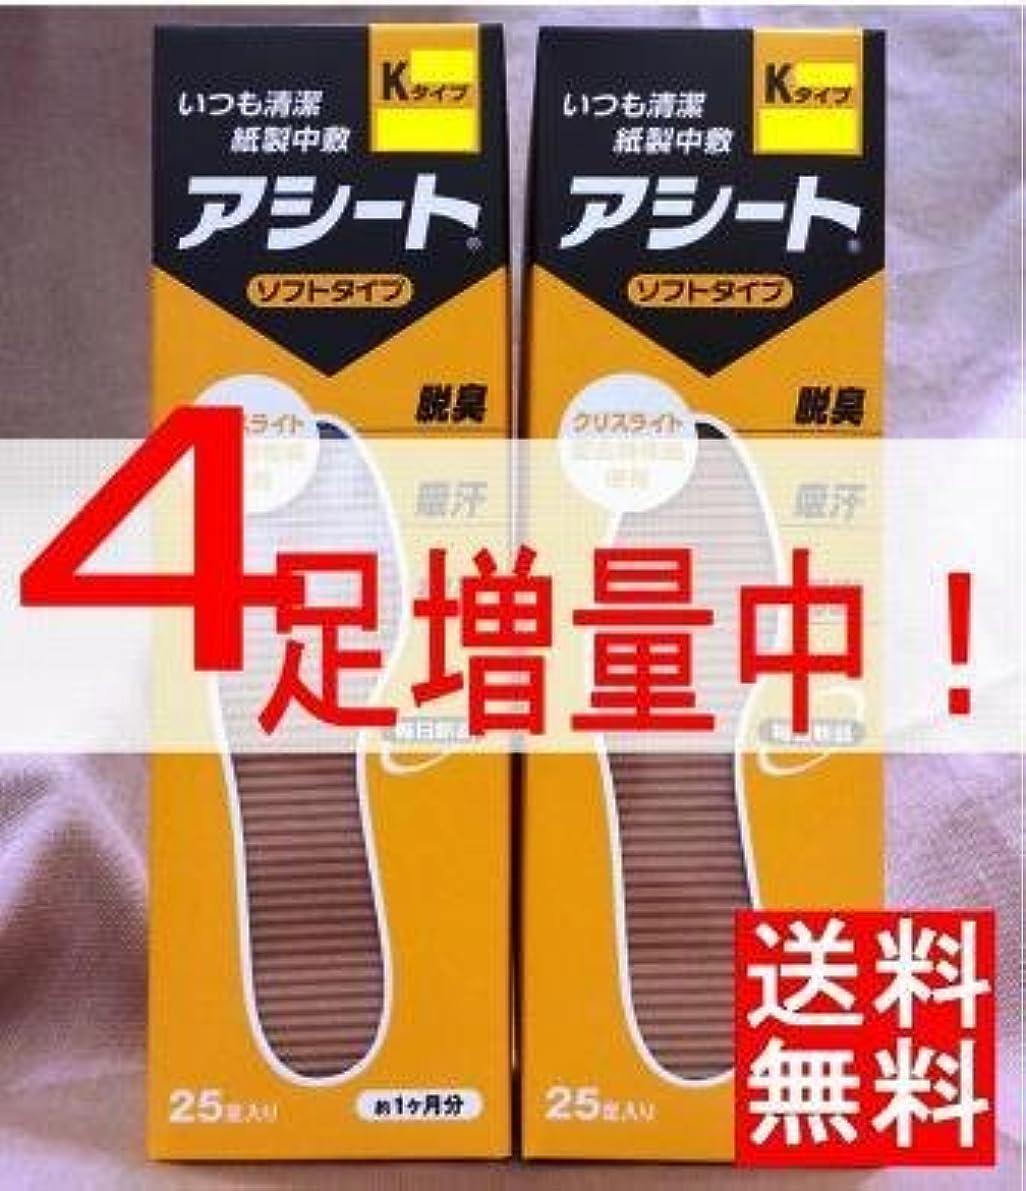 百宇宙船教えるアシートK(サイズ24cm)×2箱セット(4足増量中)